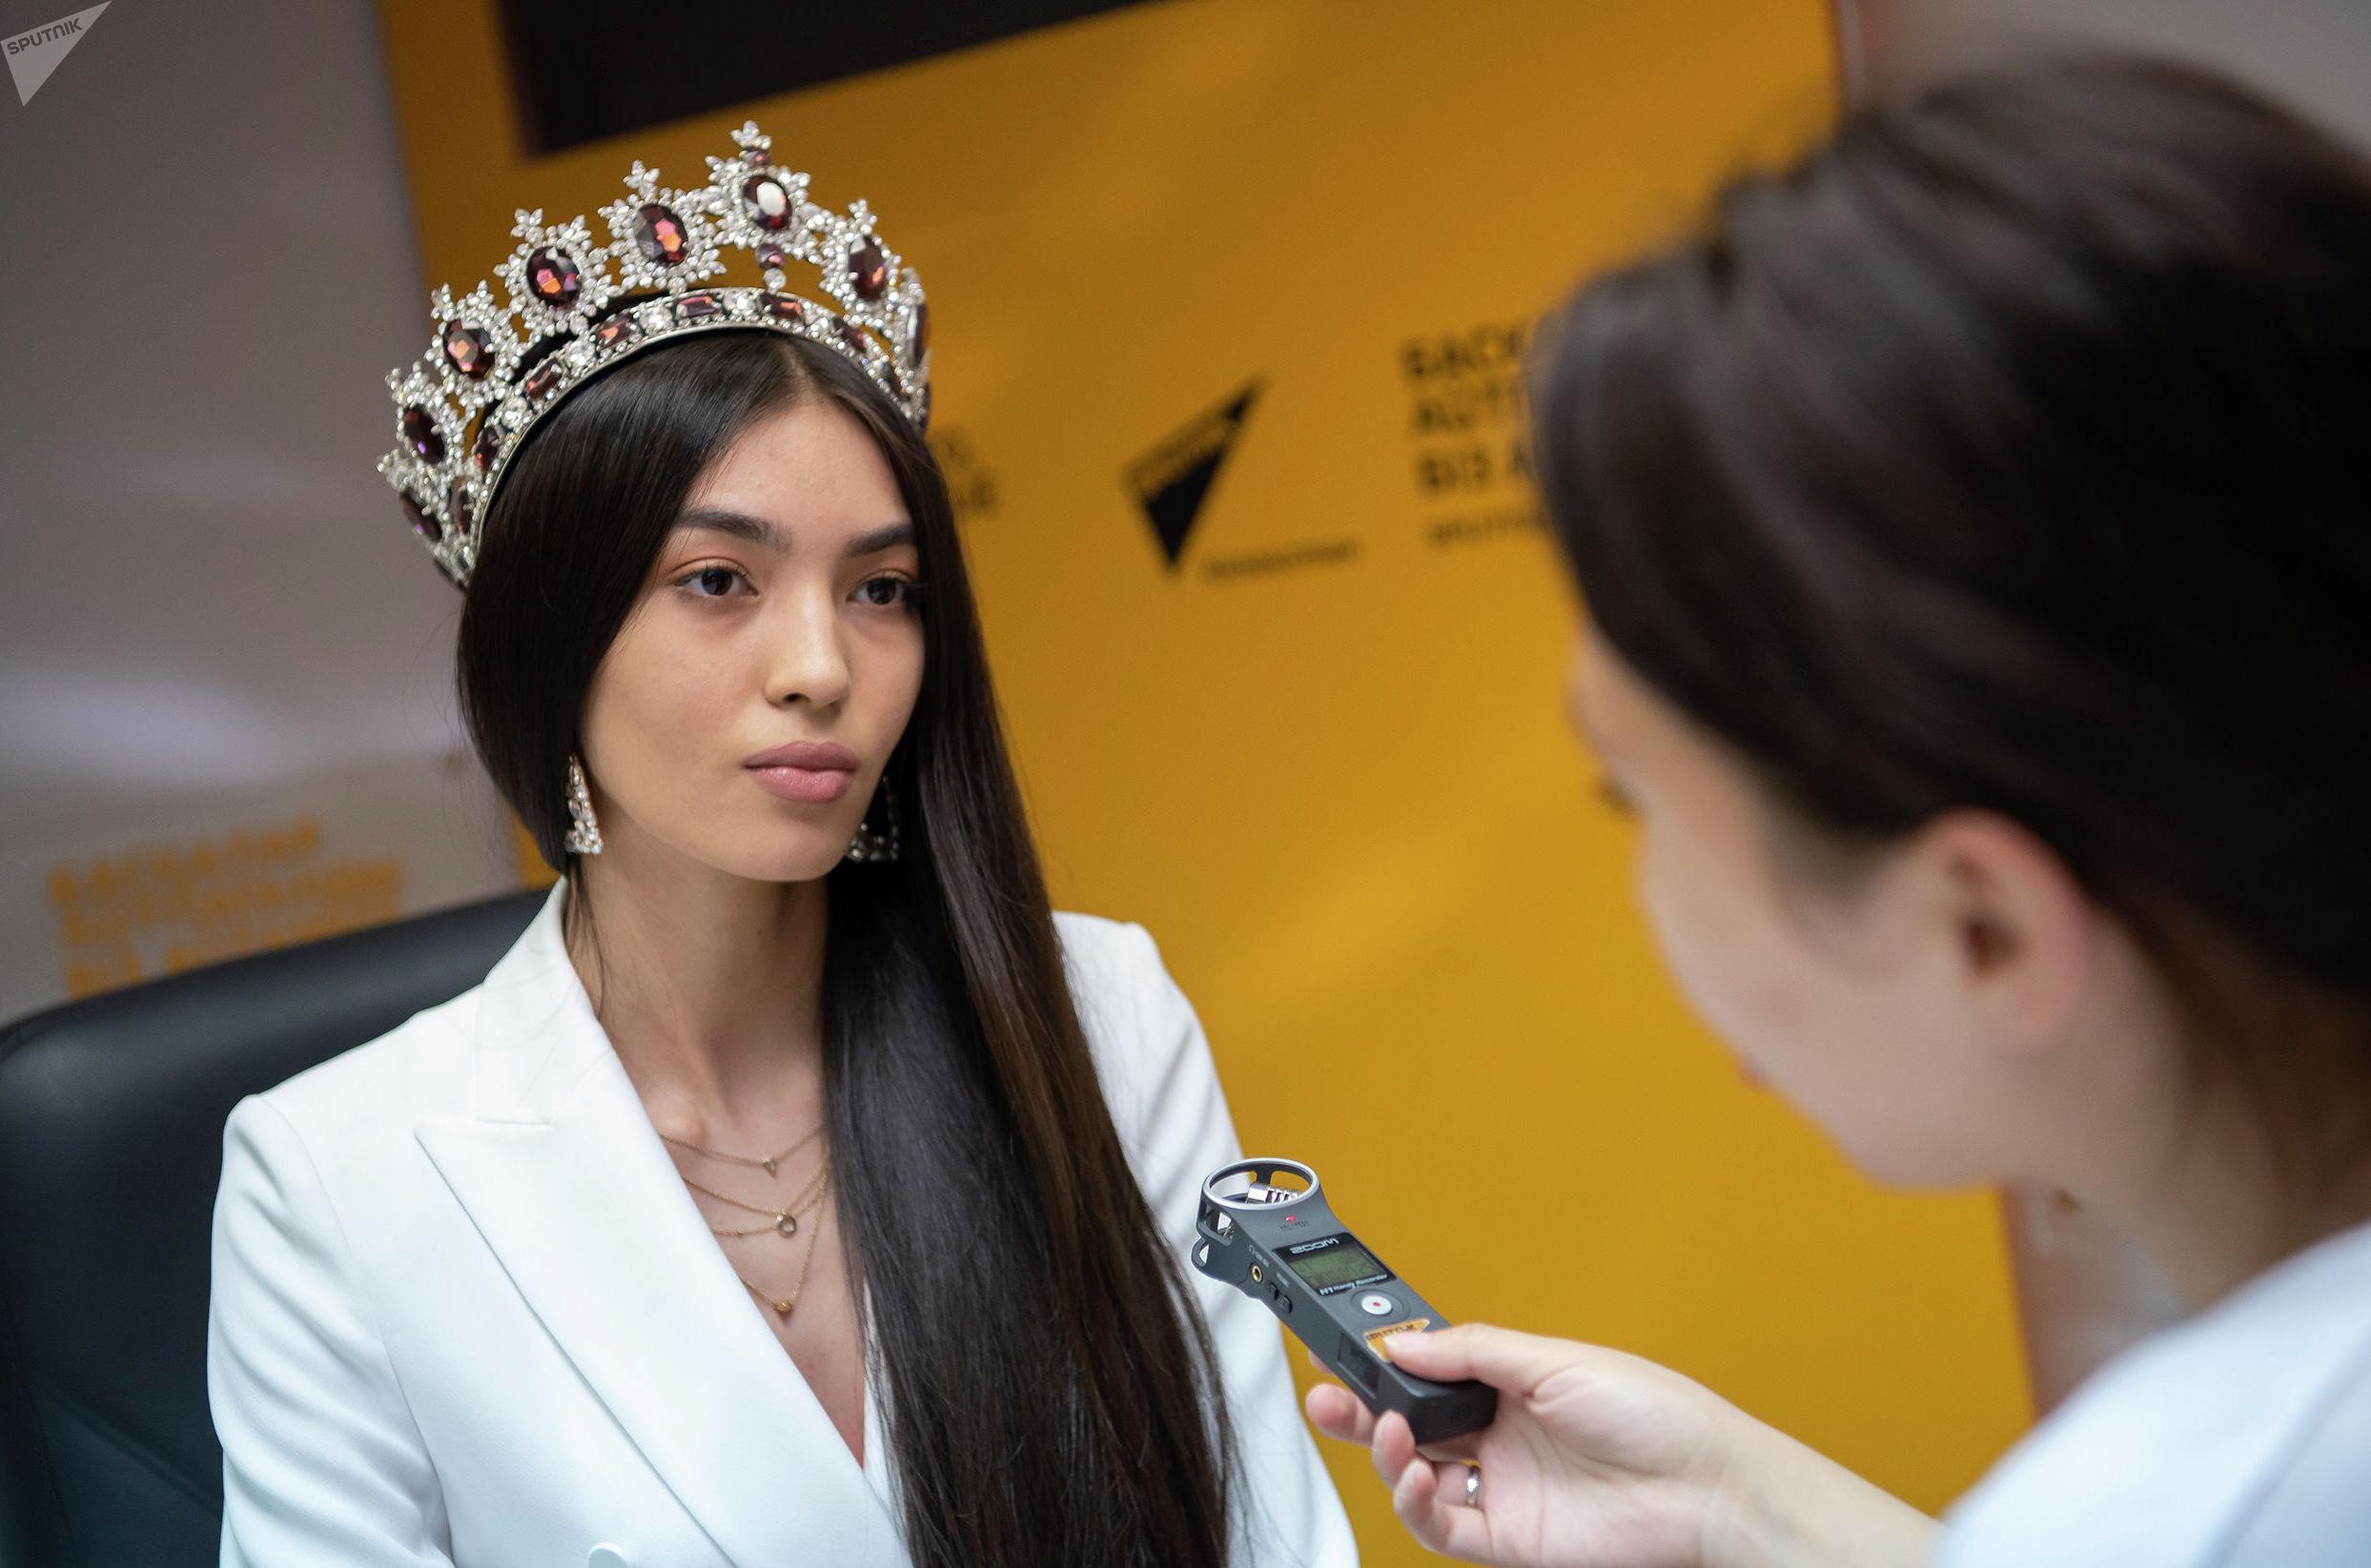 Интервью с Мисс Казахстана Мадиной Батык